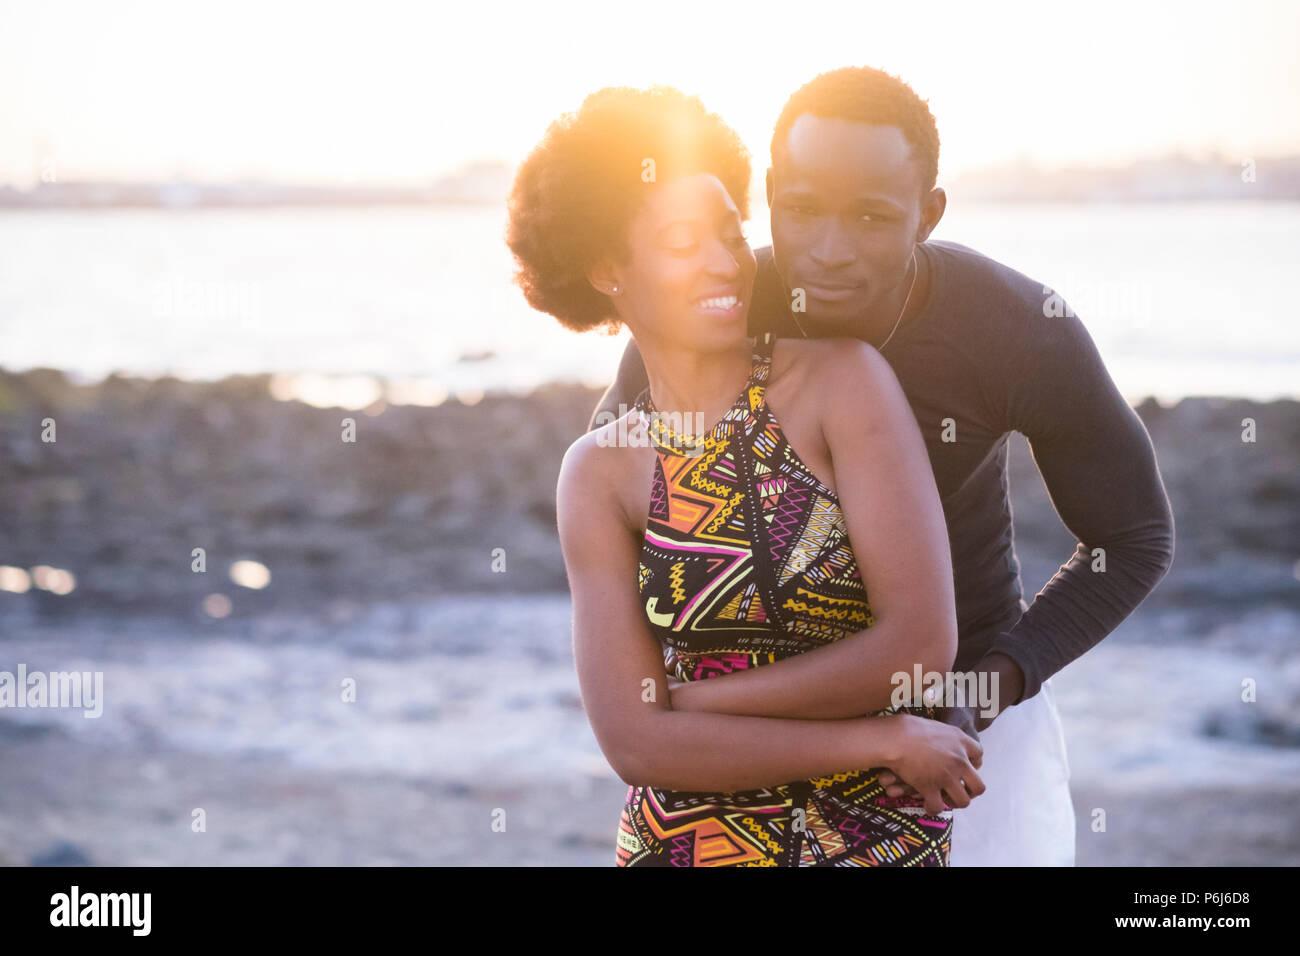 Bella giovane di razza nera modelli africani in abito tradizionale avere divertimento e amore insieme in spiaggia in estate durante il tramonto. Bella la retroilluminazione Immagini Stock